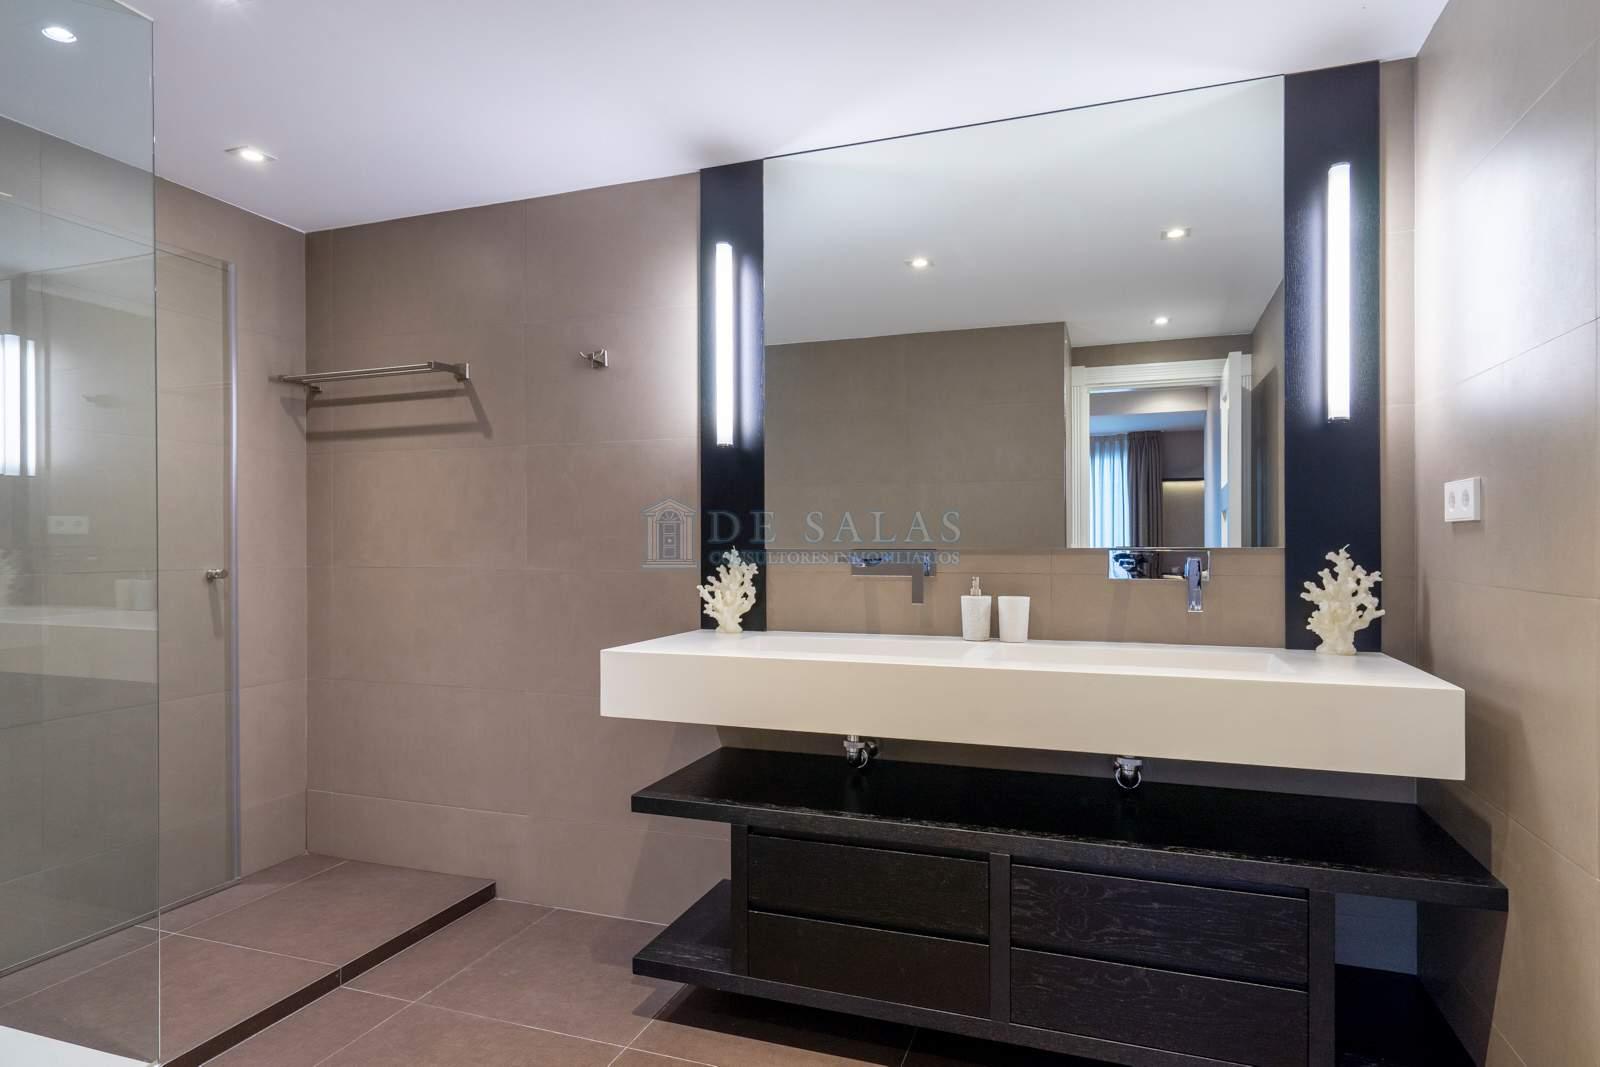 Baño inv. 2-42 Maison La Moraleja